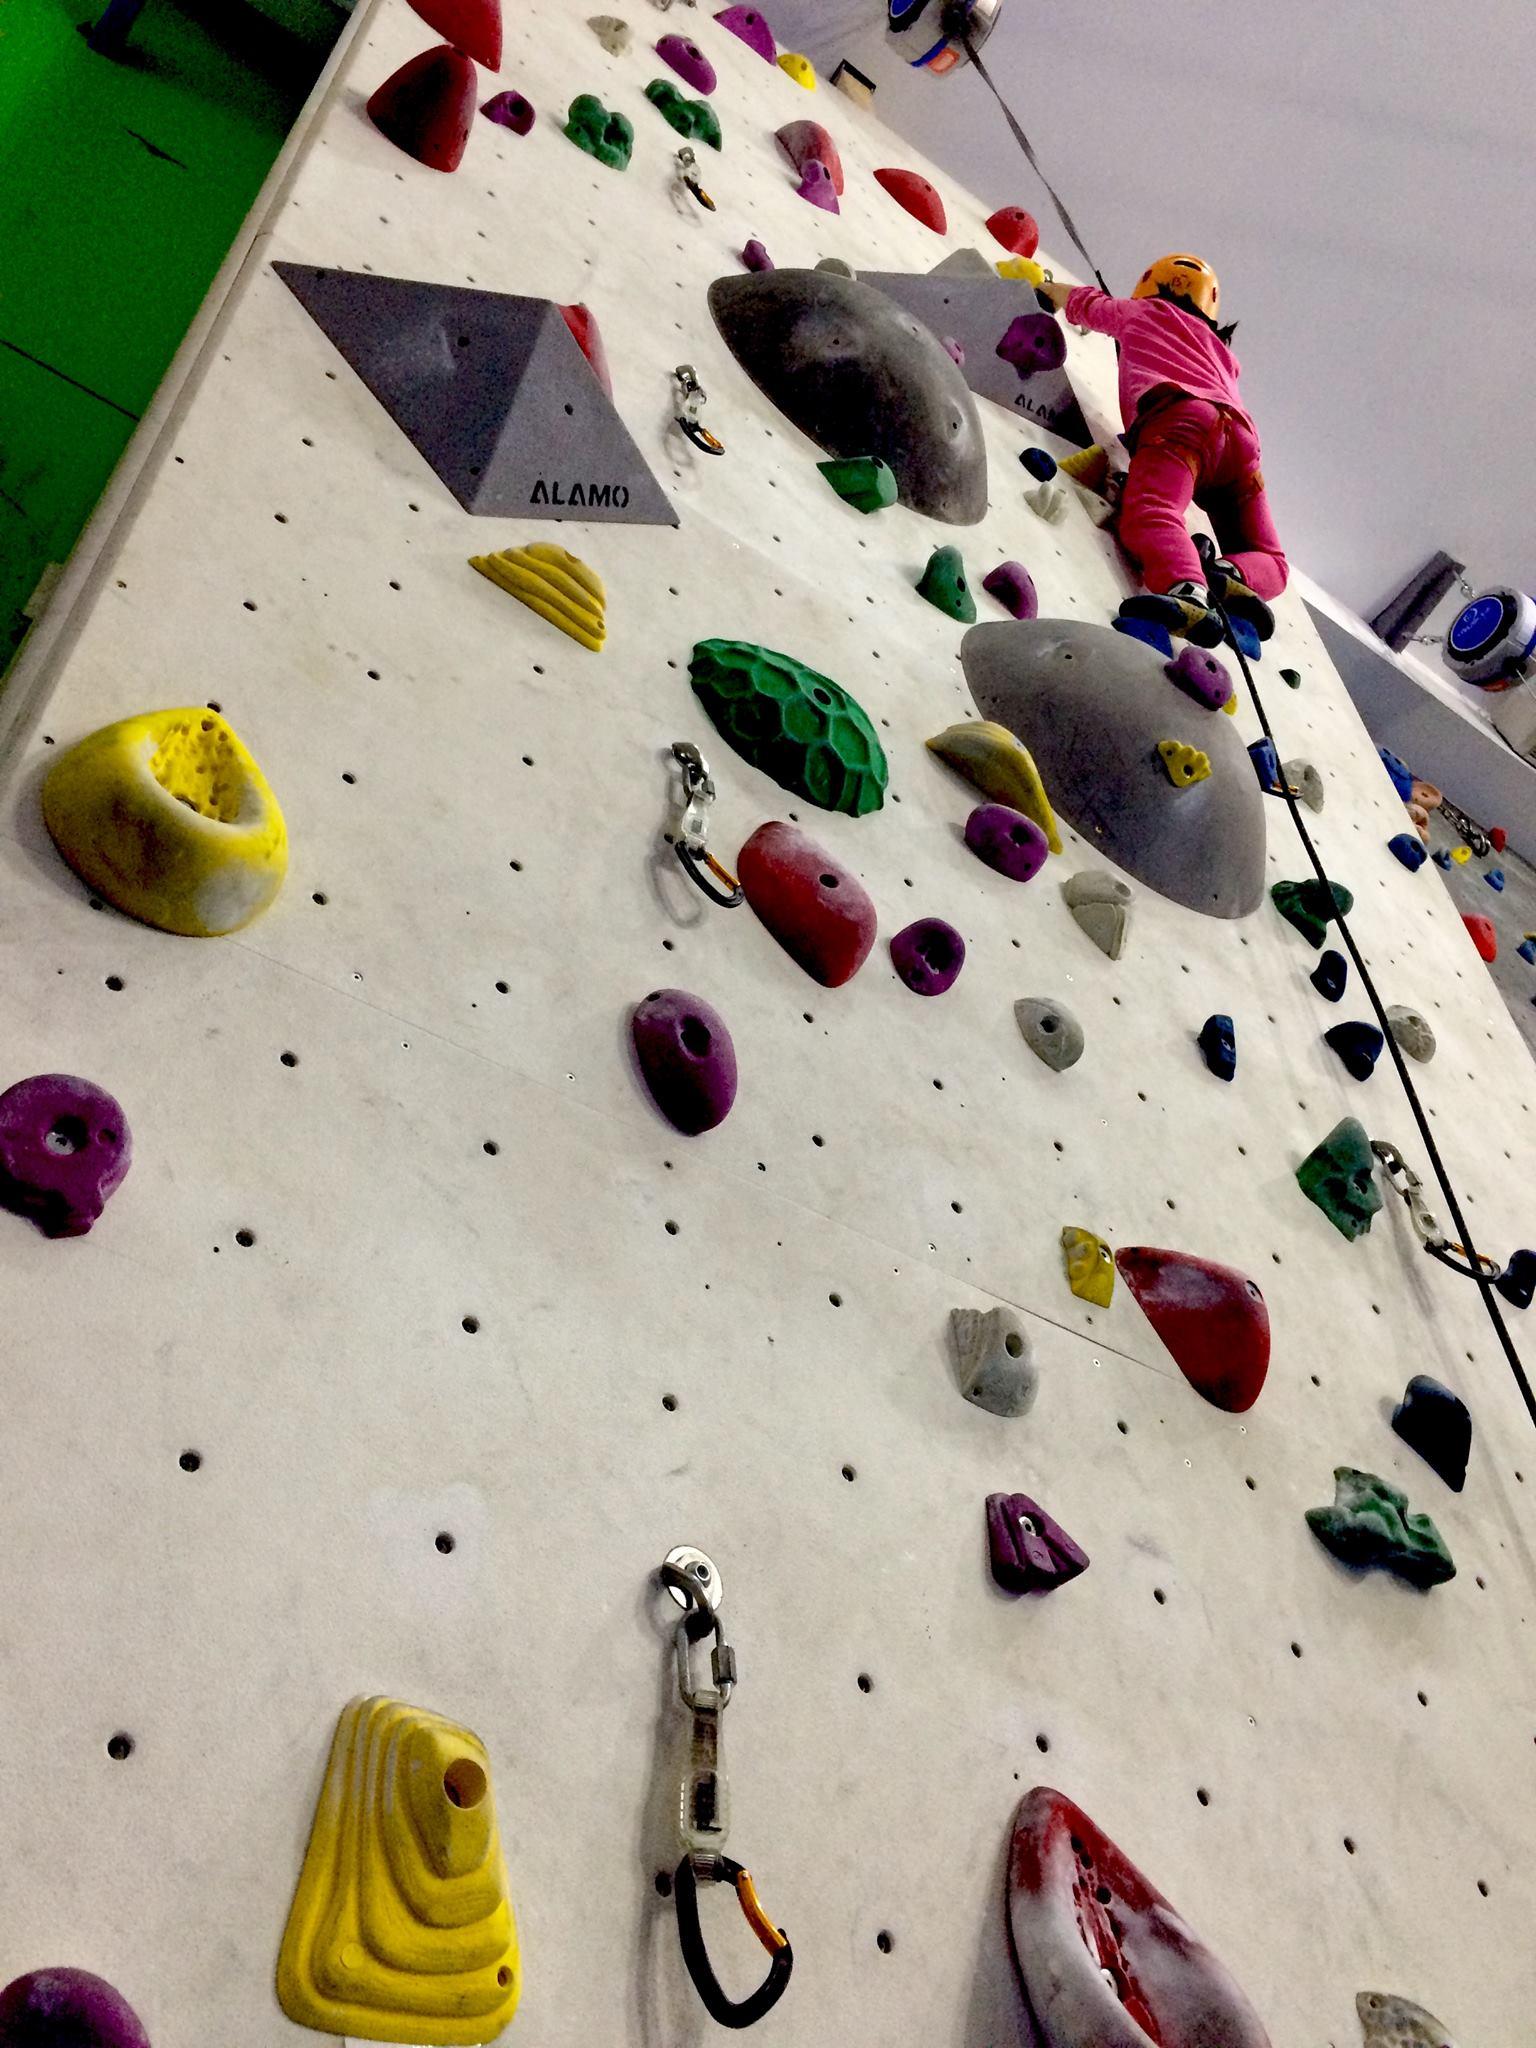 escalador en paso complicado